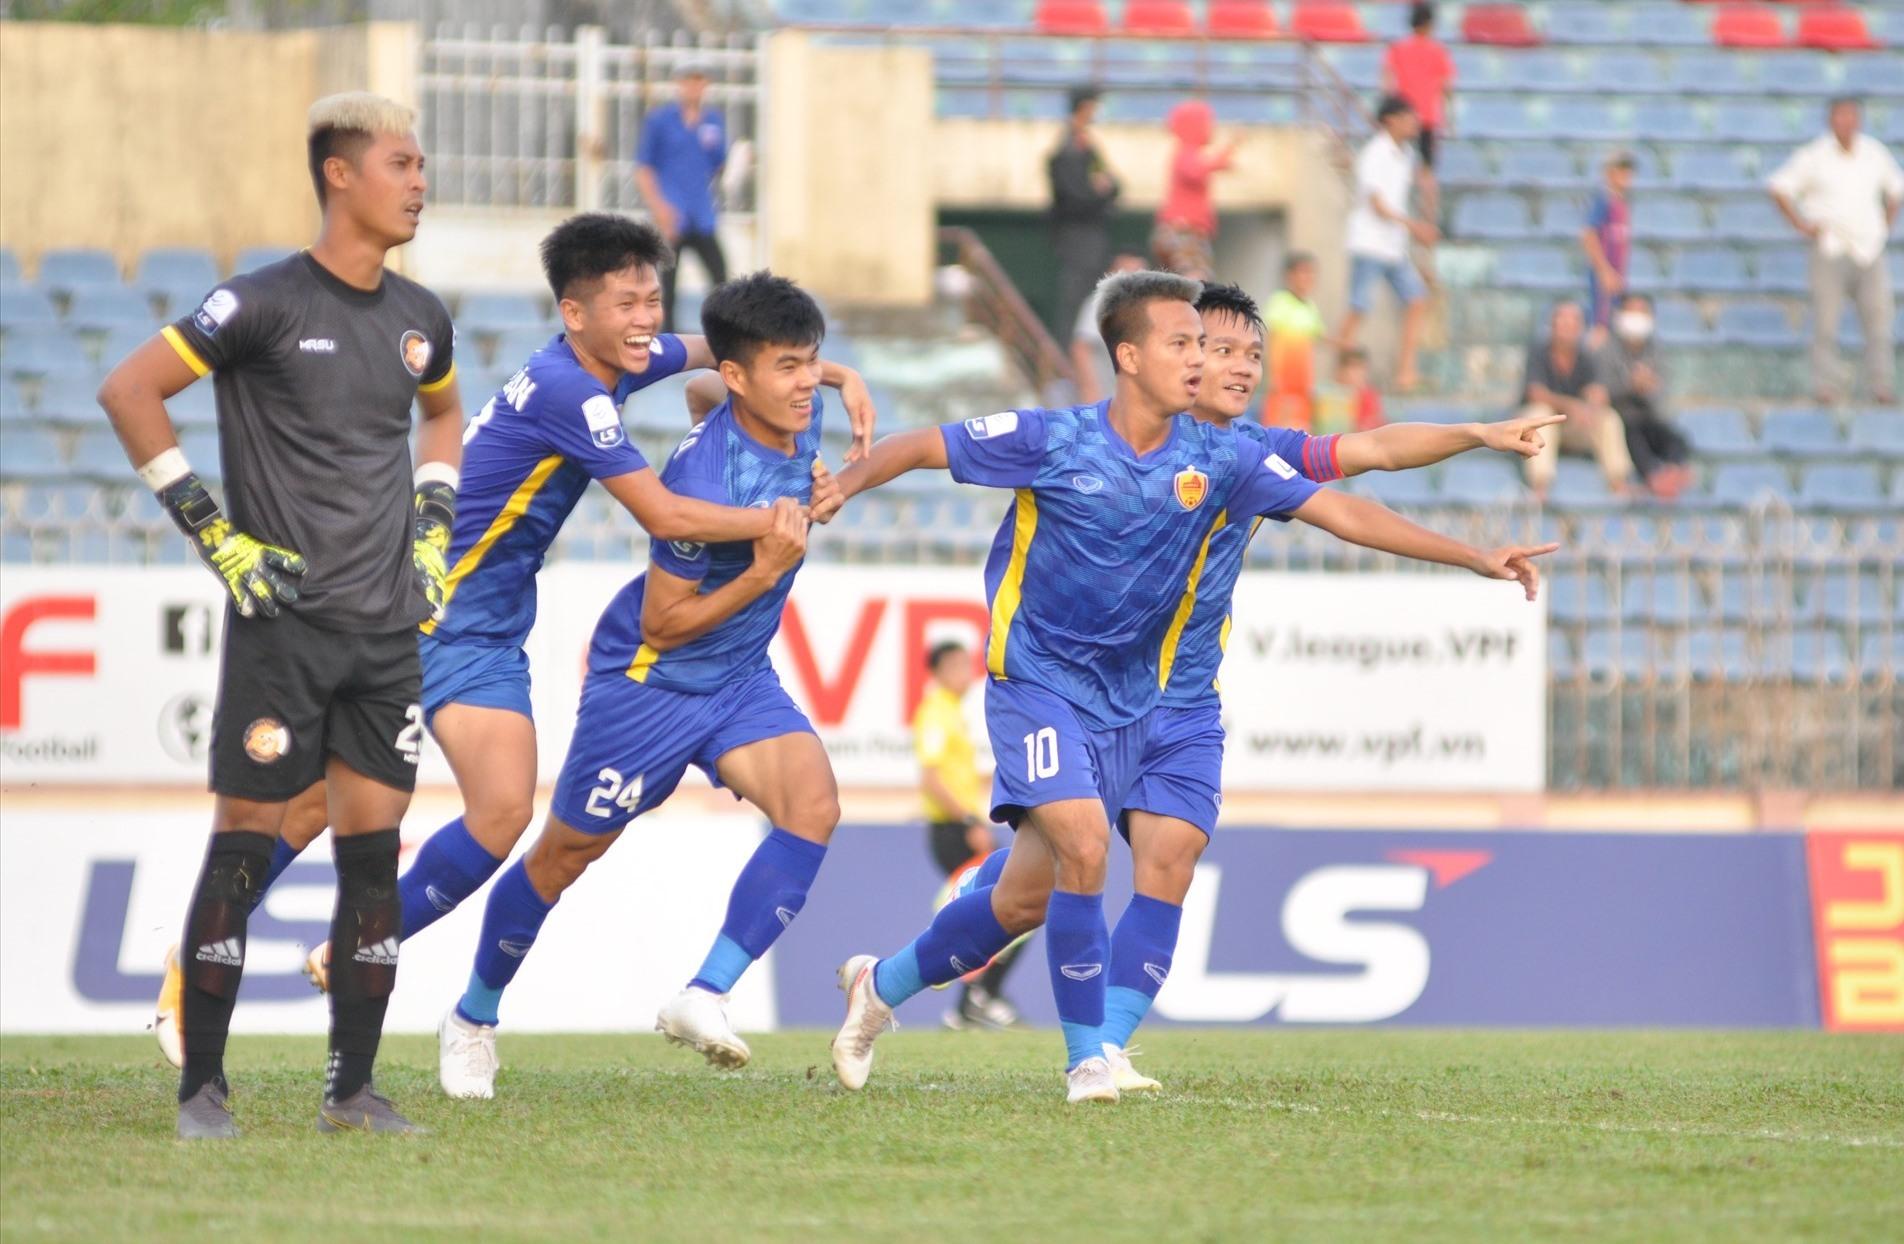 Niềm vui của các cầu thủ Quảng Nam sau khi Văn Ka mở tỷ số. Ảnh: T.VY